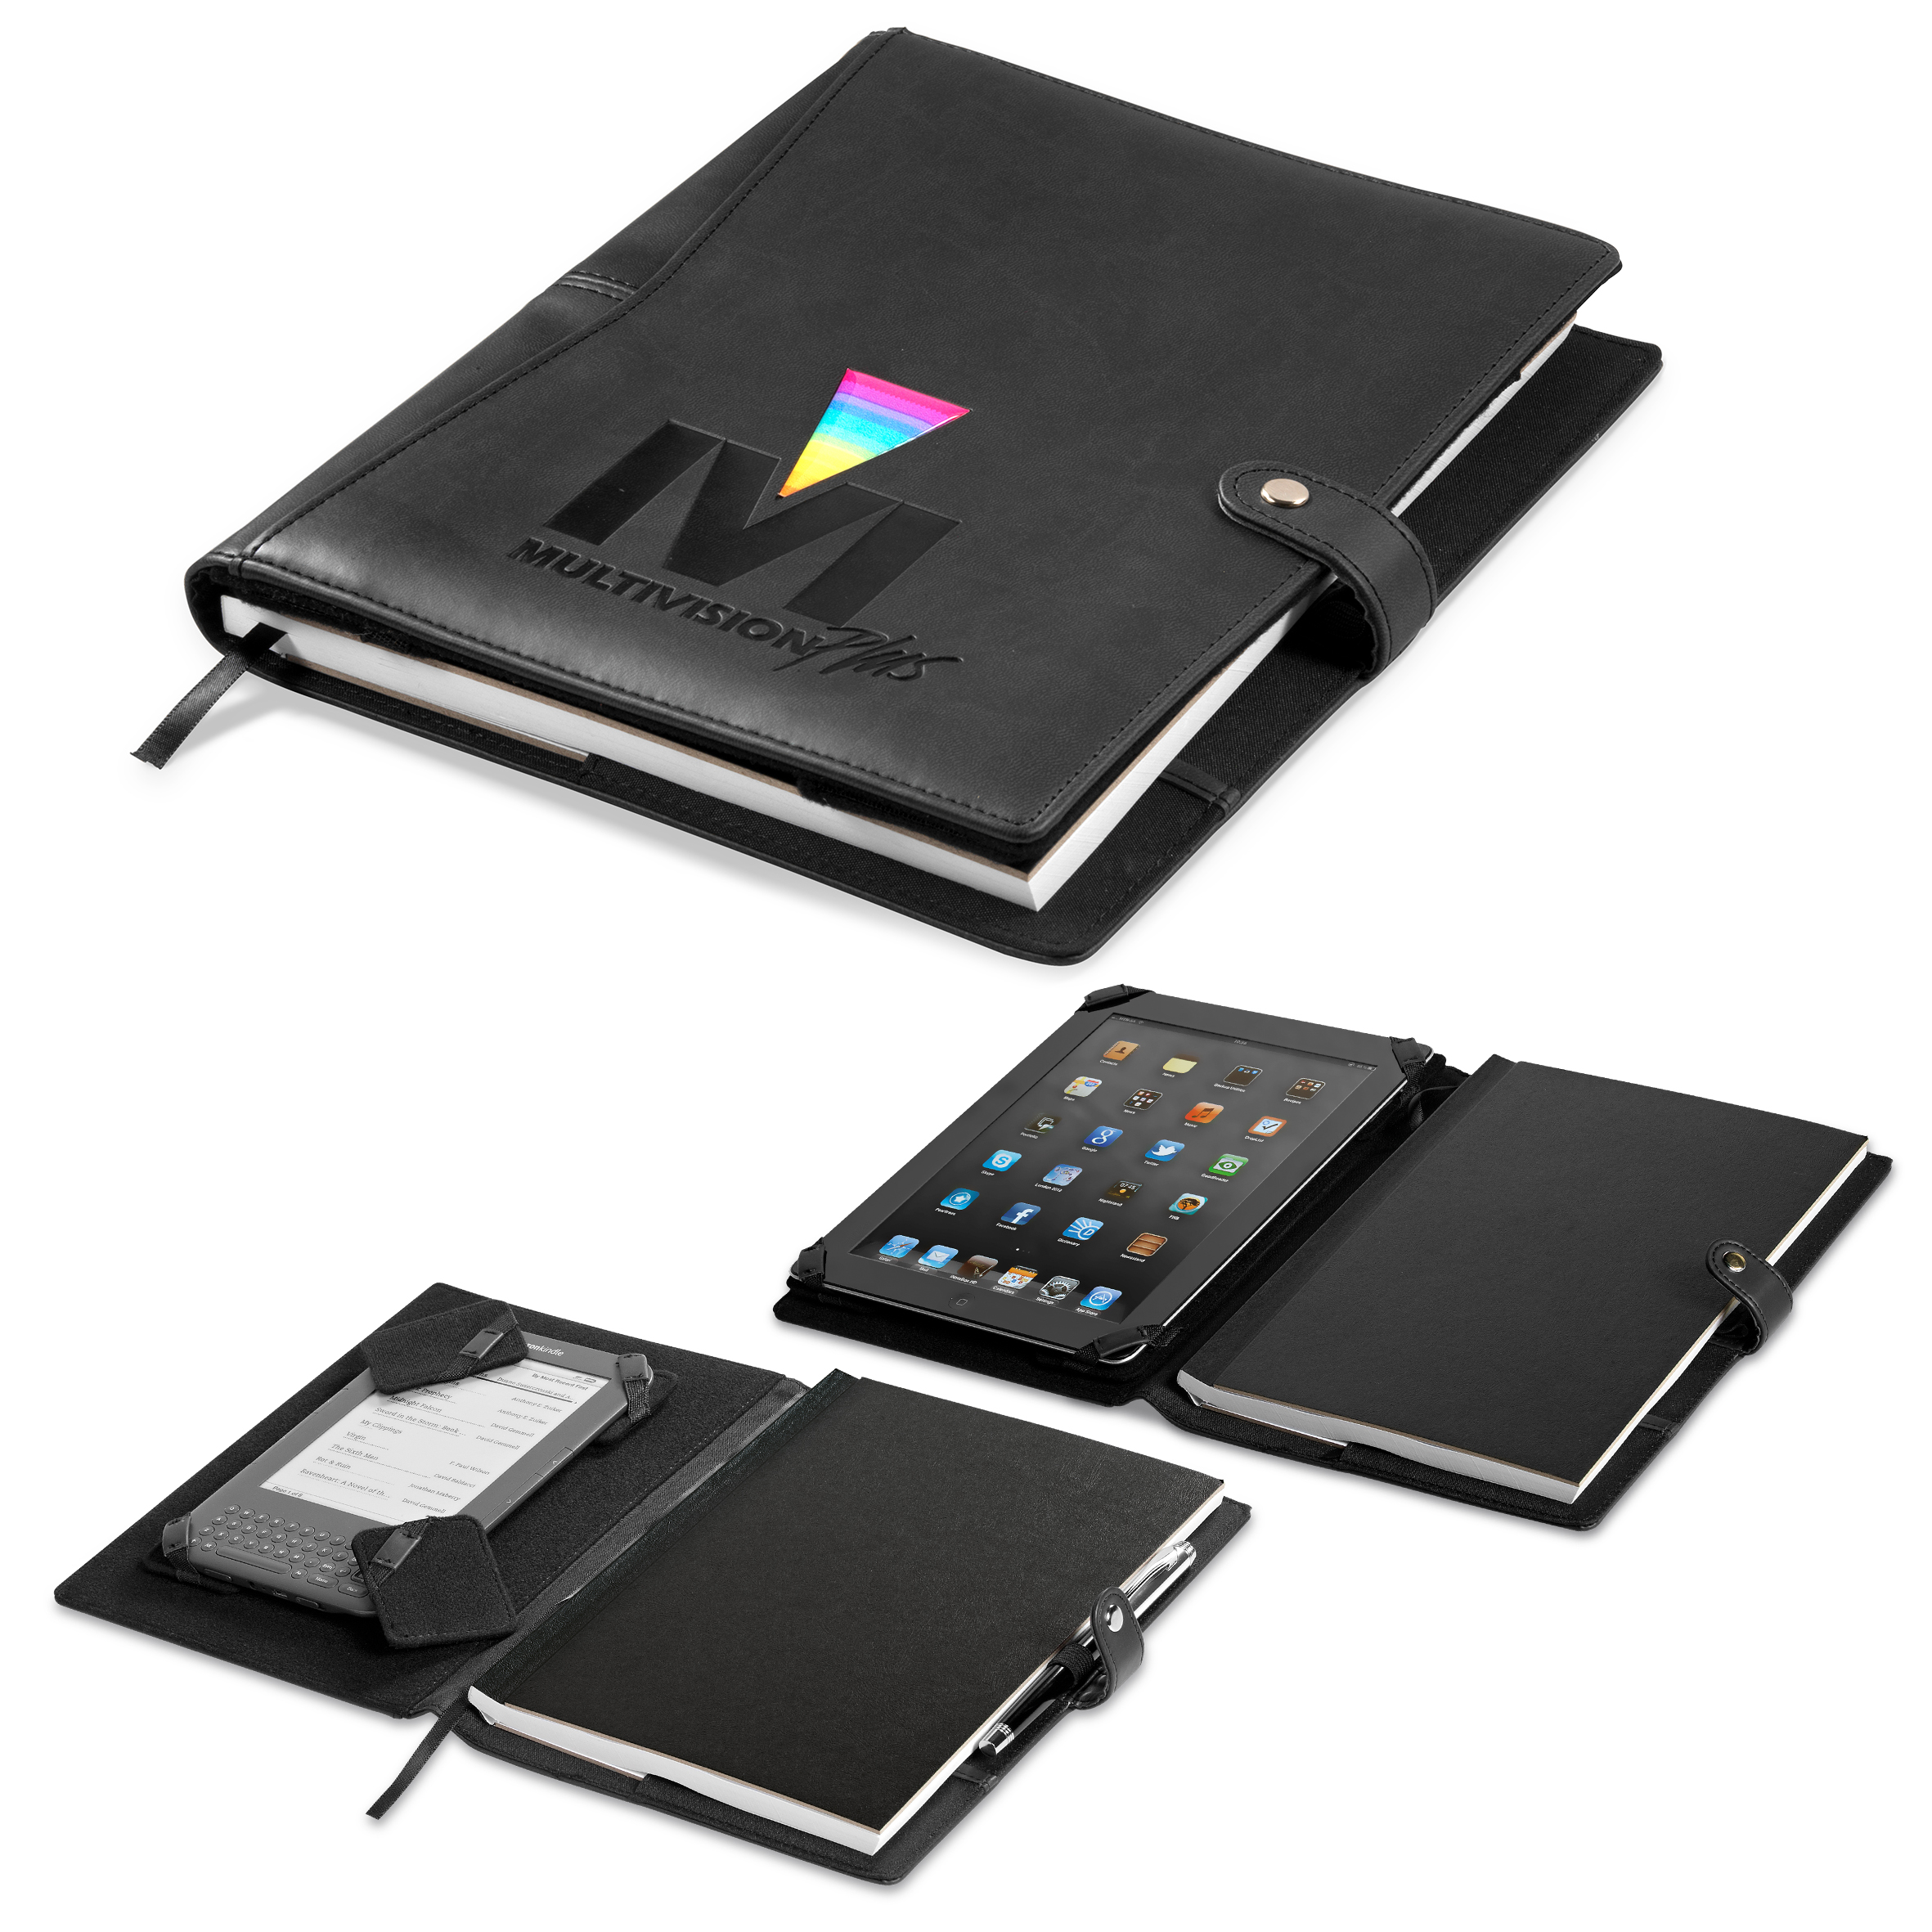 Protege notebook tablet holder nb 9368 for Notebook tablet